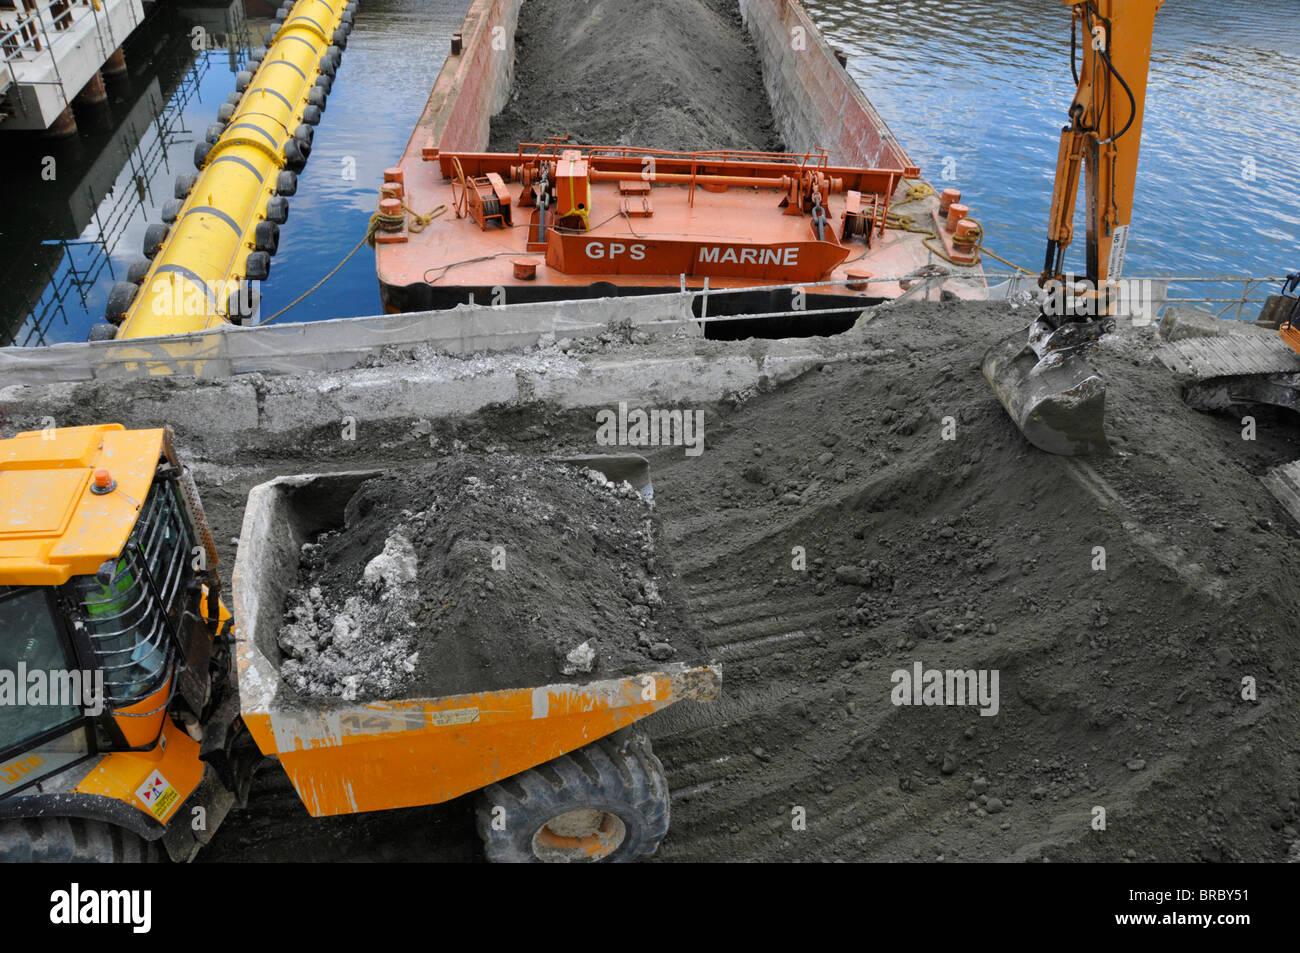 Bau Website Muldenkipper Erde aus dem Fundament Graben in verderben Heap für Bagger in einem Lastkahn laden Stockbild